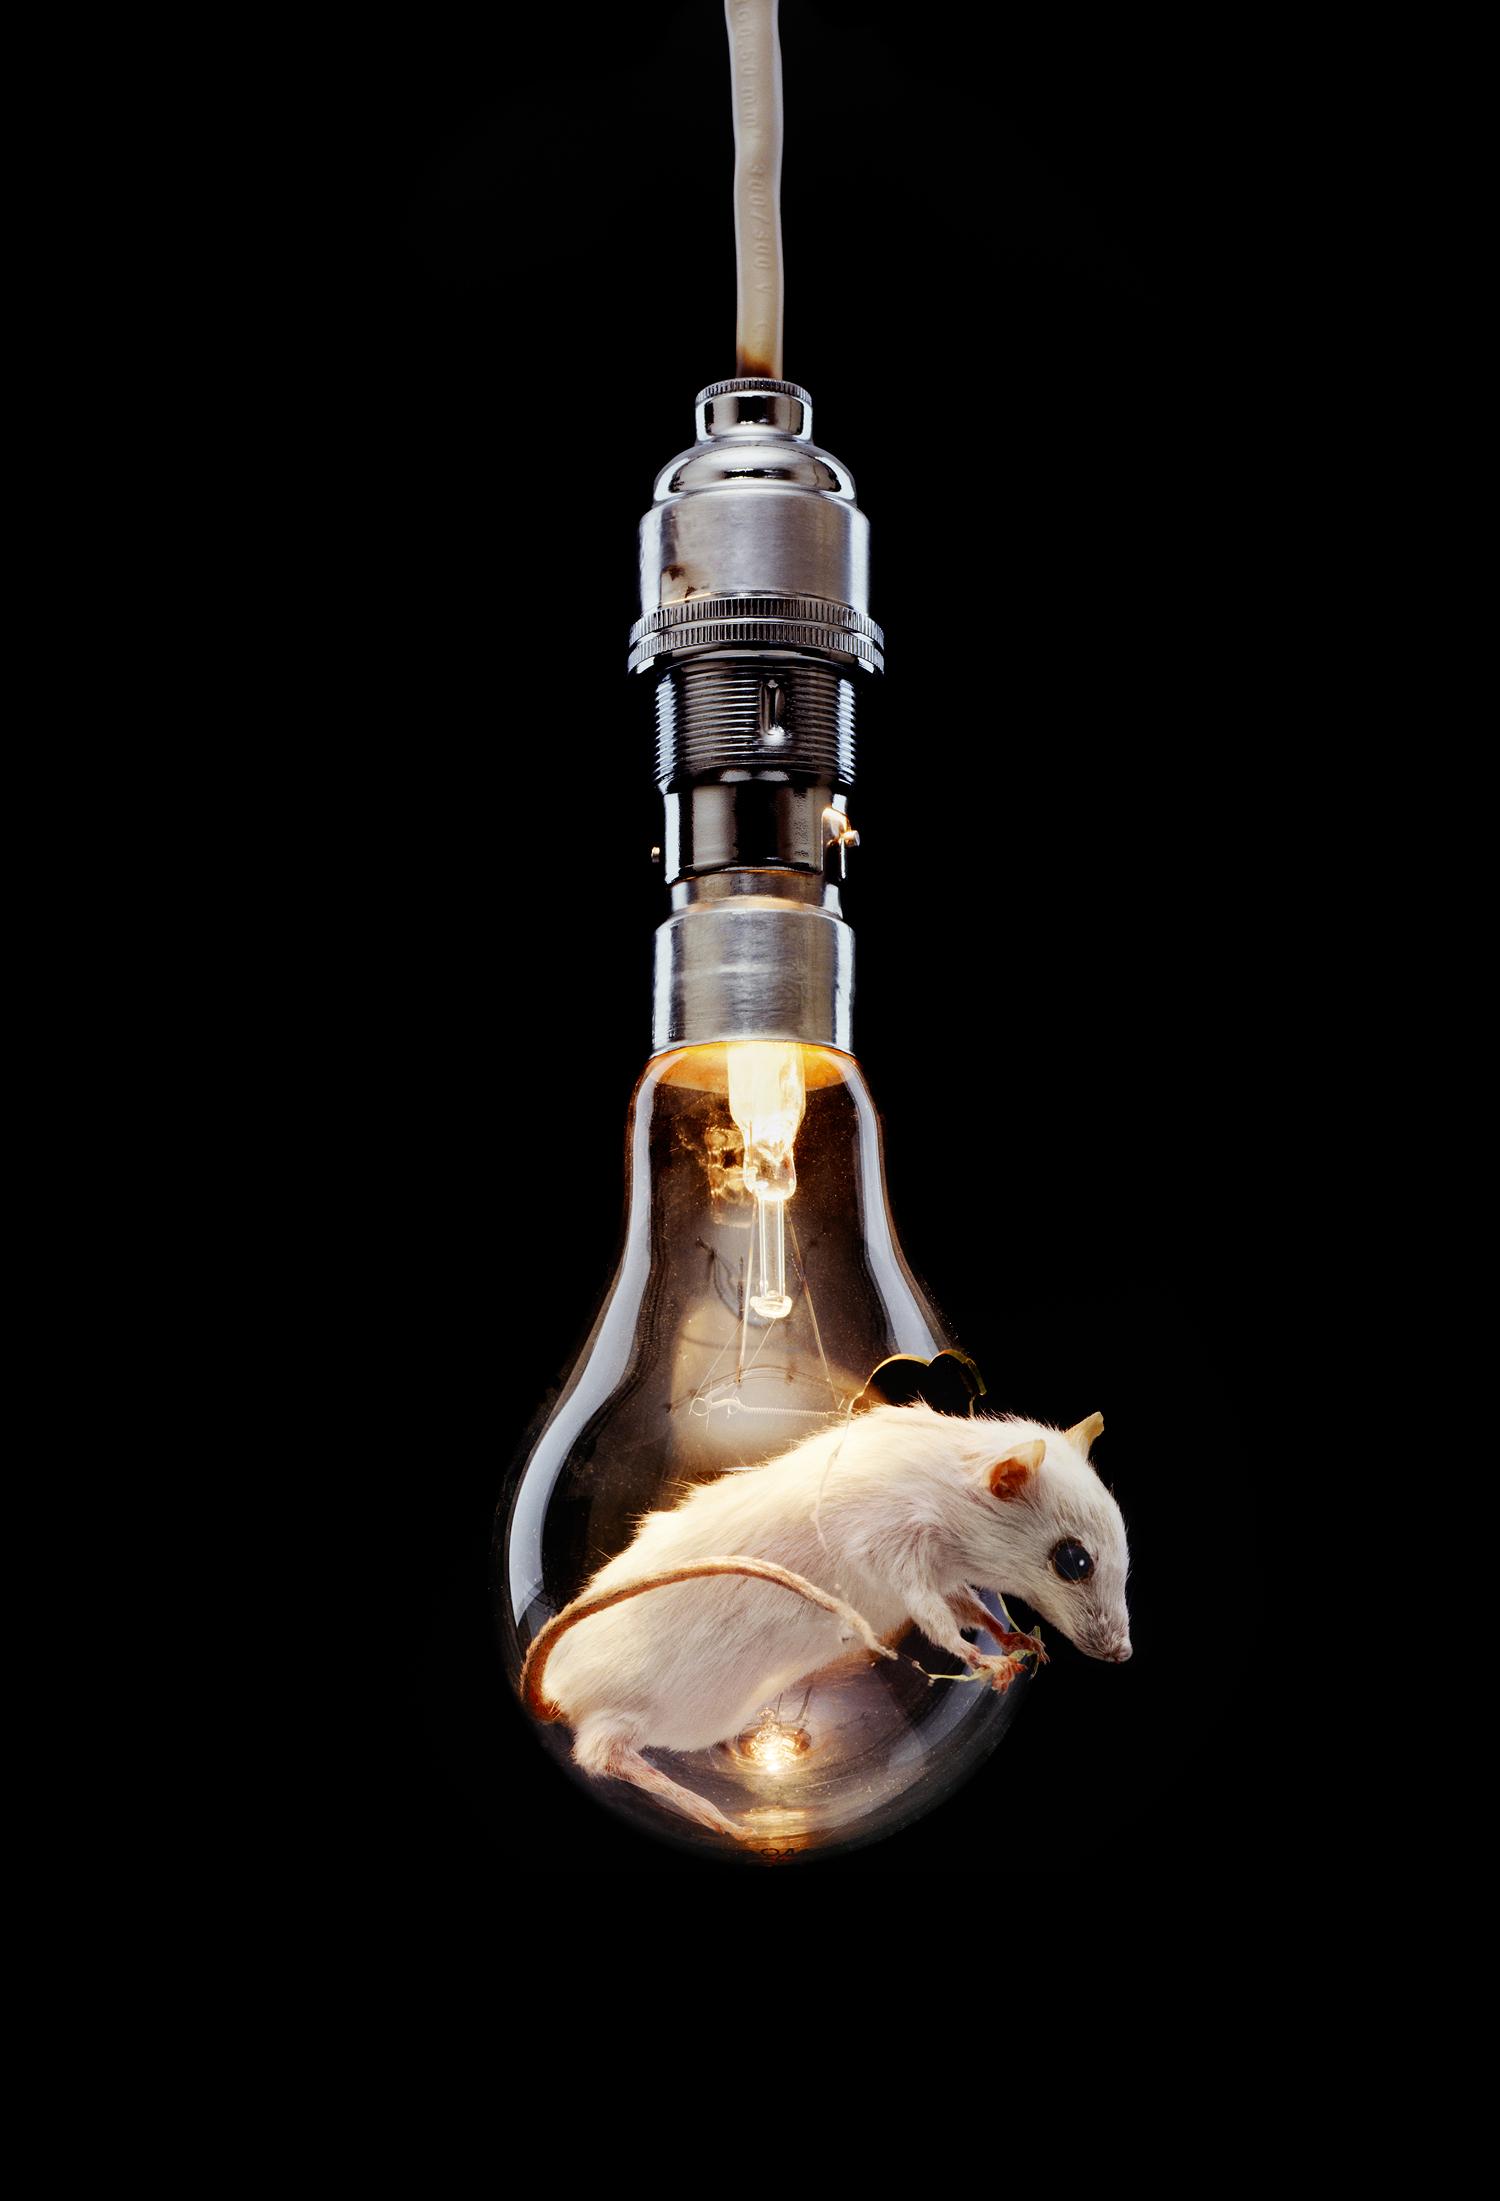 Mouse in light bulb